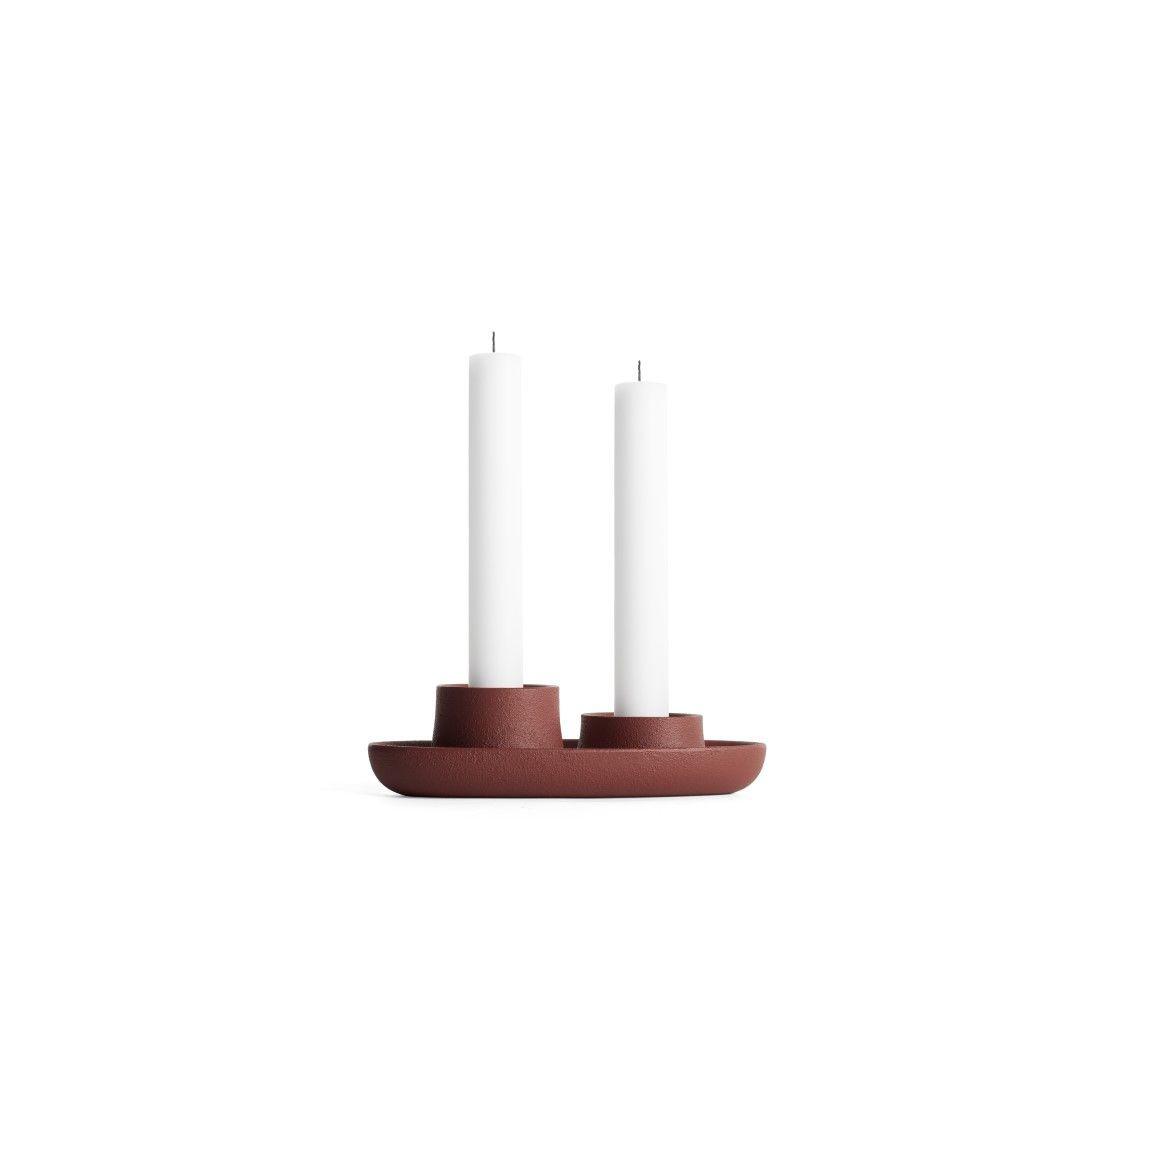 Kerzenhalter für 2 Kerzen   Weinrot